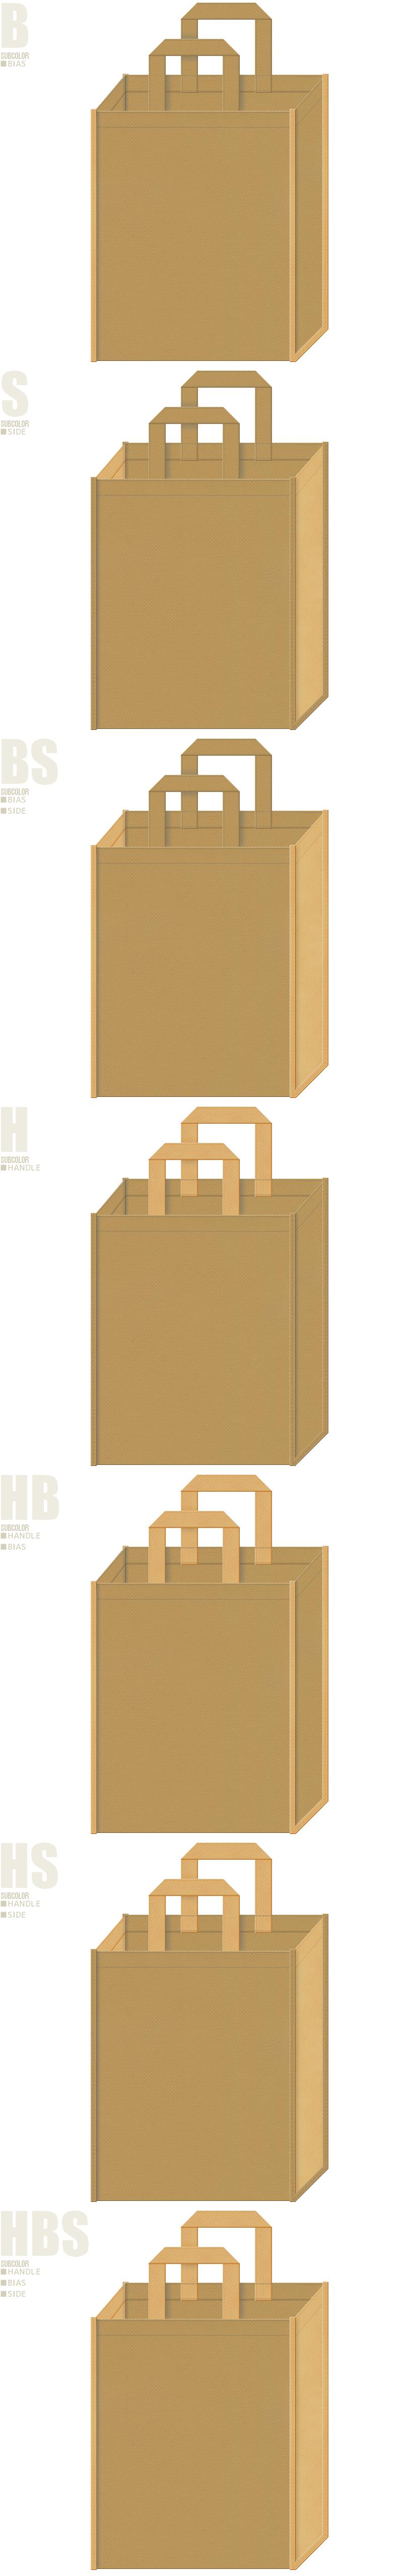 金色系黄土色と薄黄土色、7パターンの不織布トートバッグ配色デザイン例。作業用品・日曜大工用品の展示会用バッグにお奨めです。